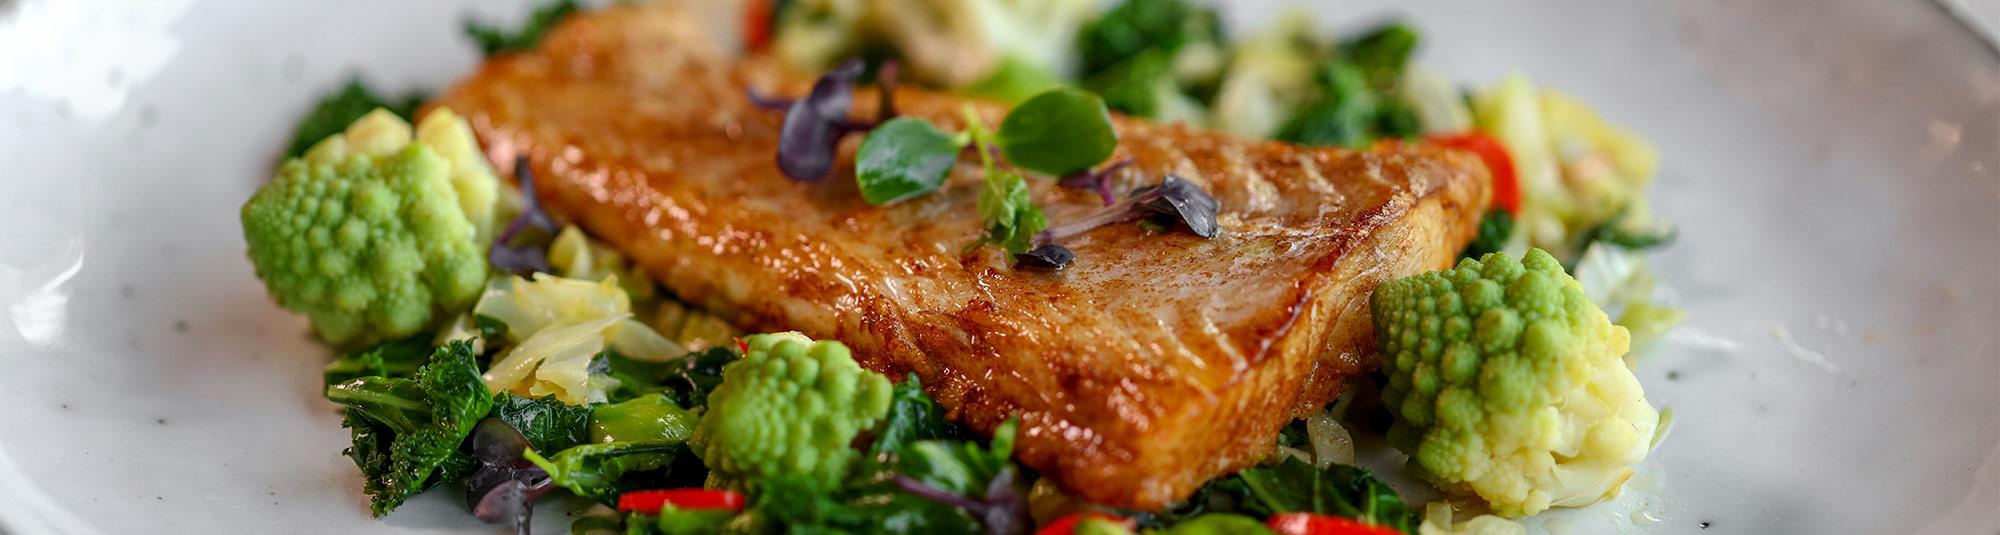 Stekt torskfilé på grön bädd med mixad örtsås